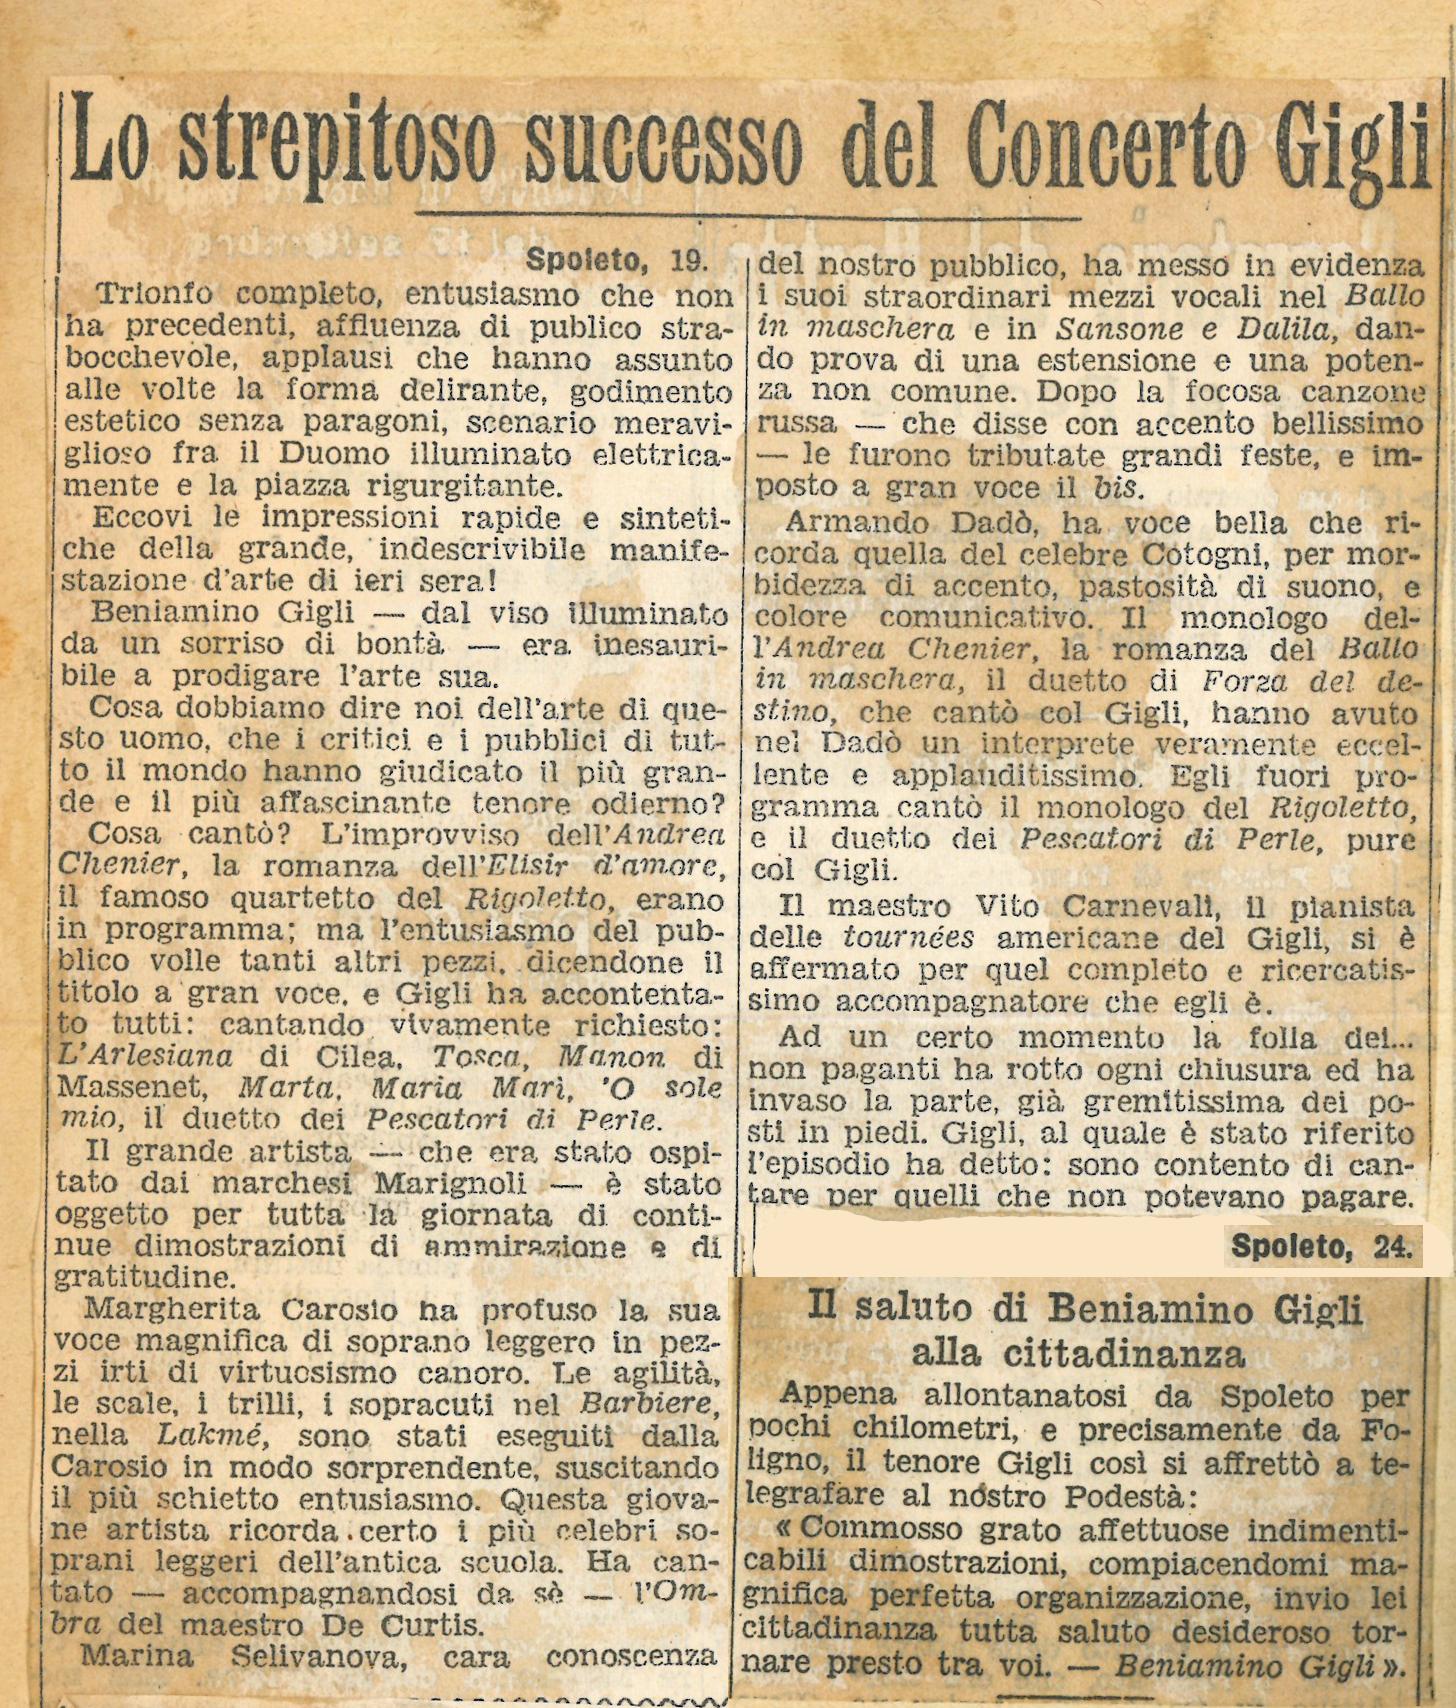 17.-19-e-24-settembre-1932